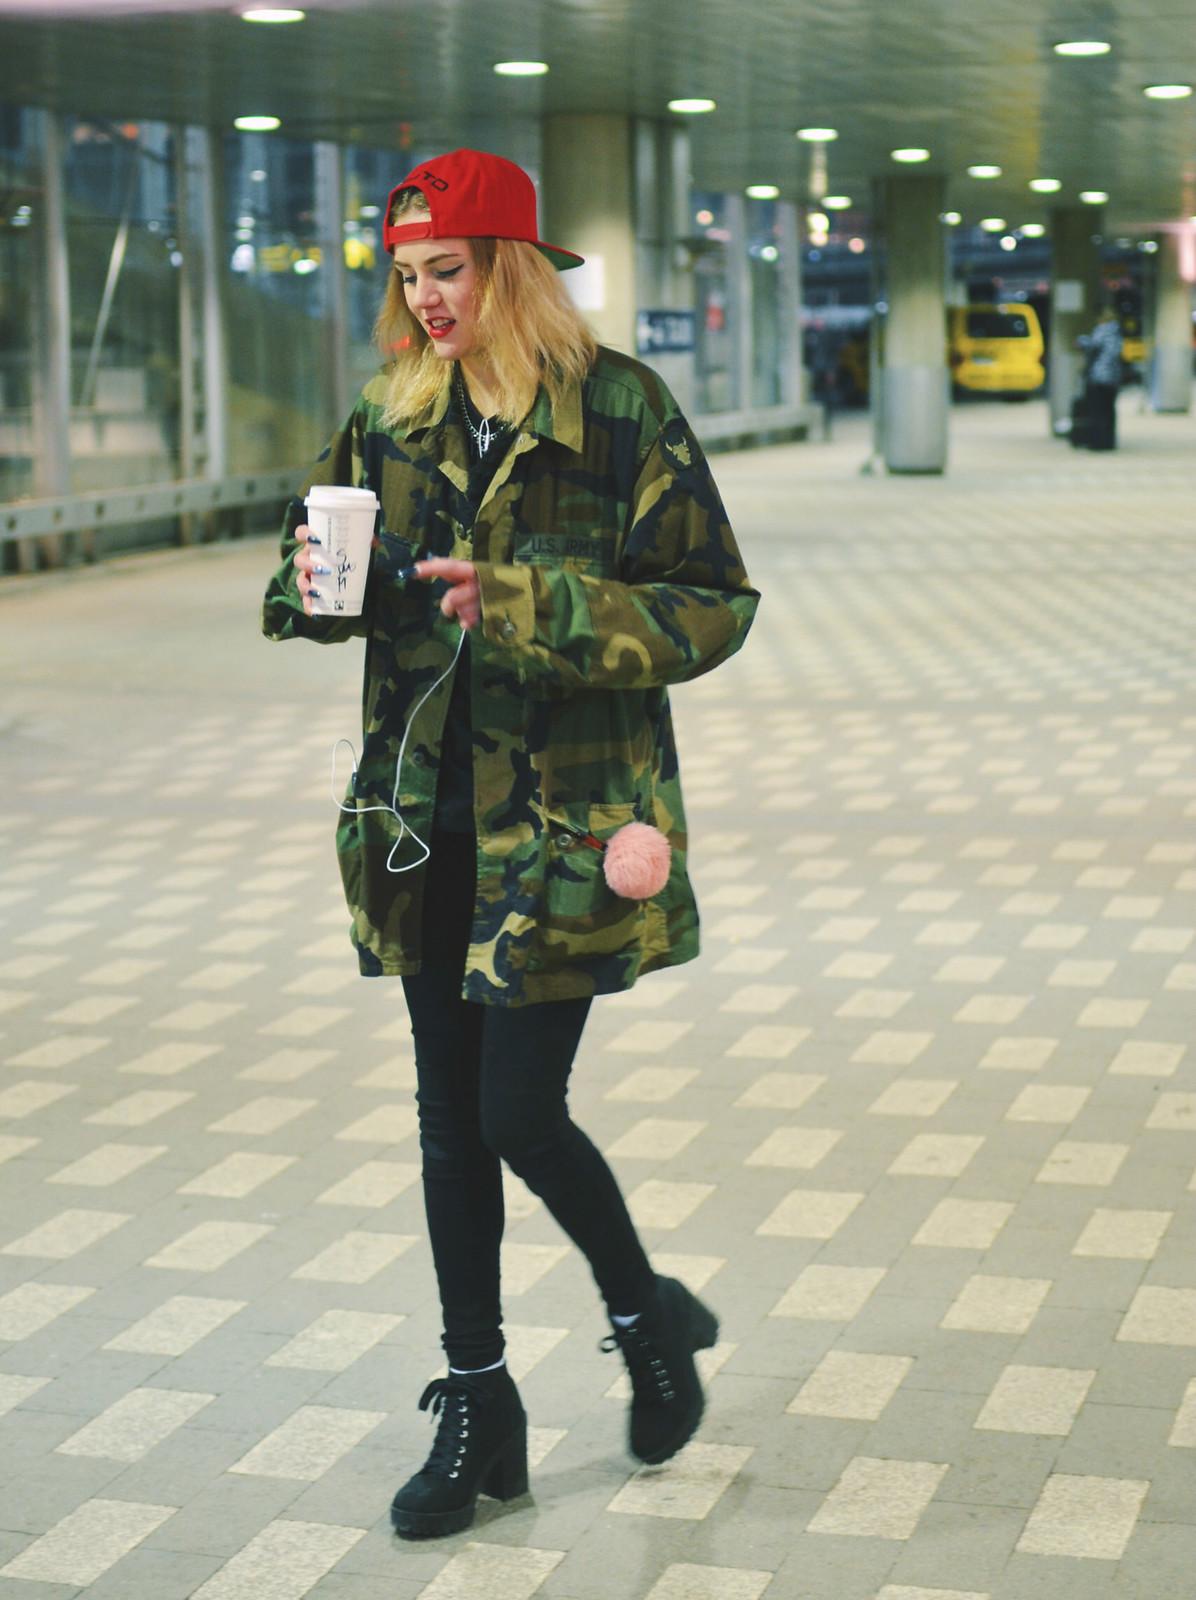 Starbucks girl